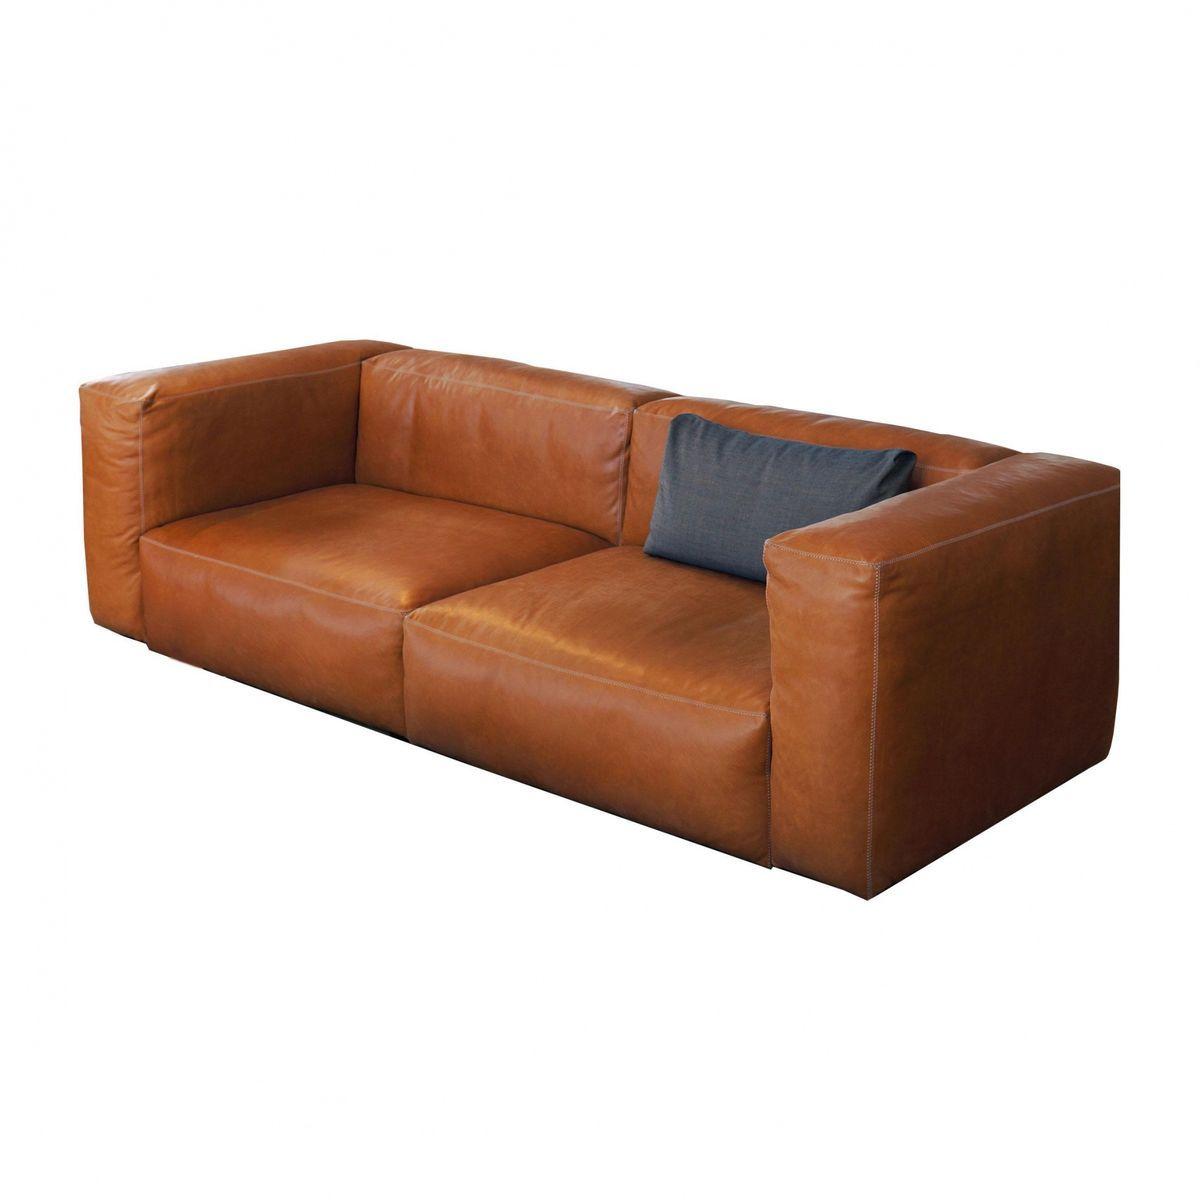 die besten 25 hay kissen ideen auf pinterest tuto doudou euro kissen und stoffe f r st hle. Black Bedroom Furniture Sets. Home Design Ideas